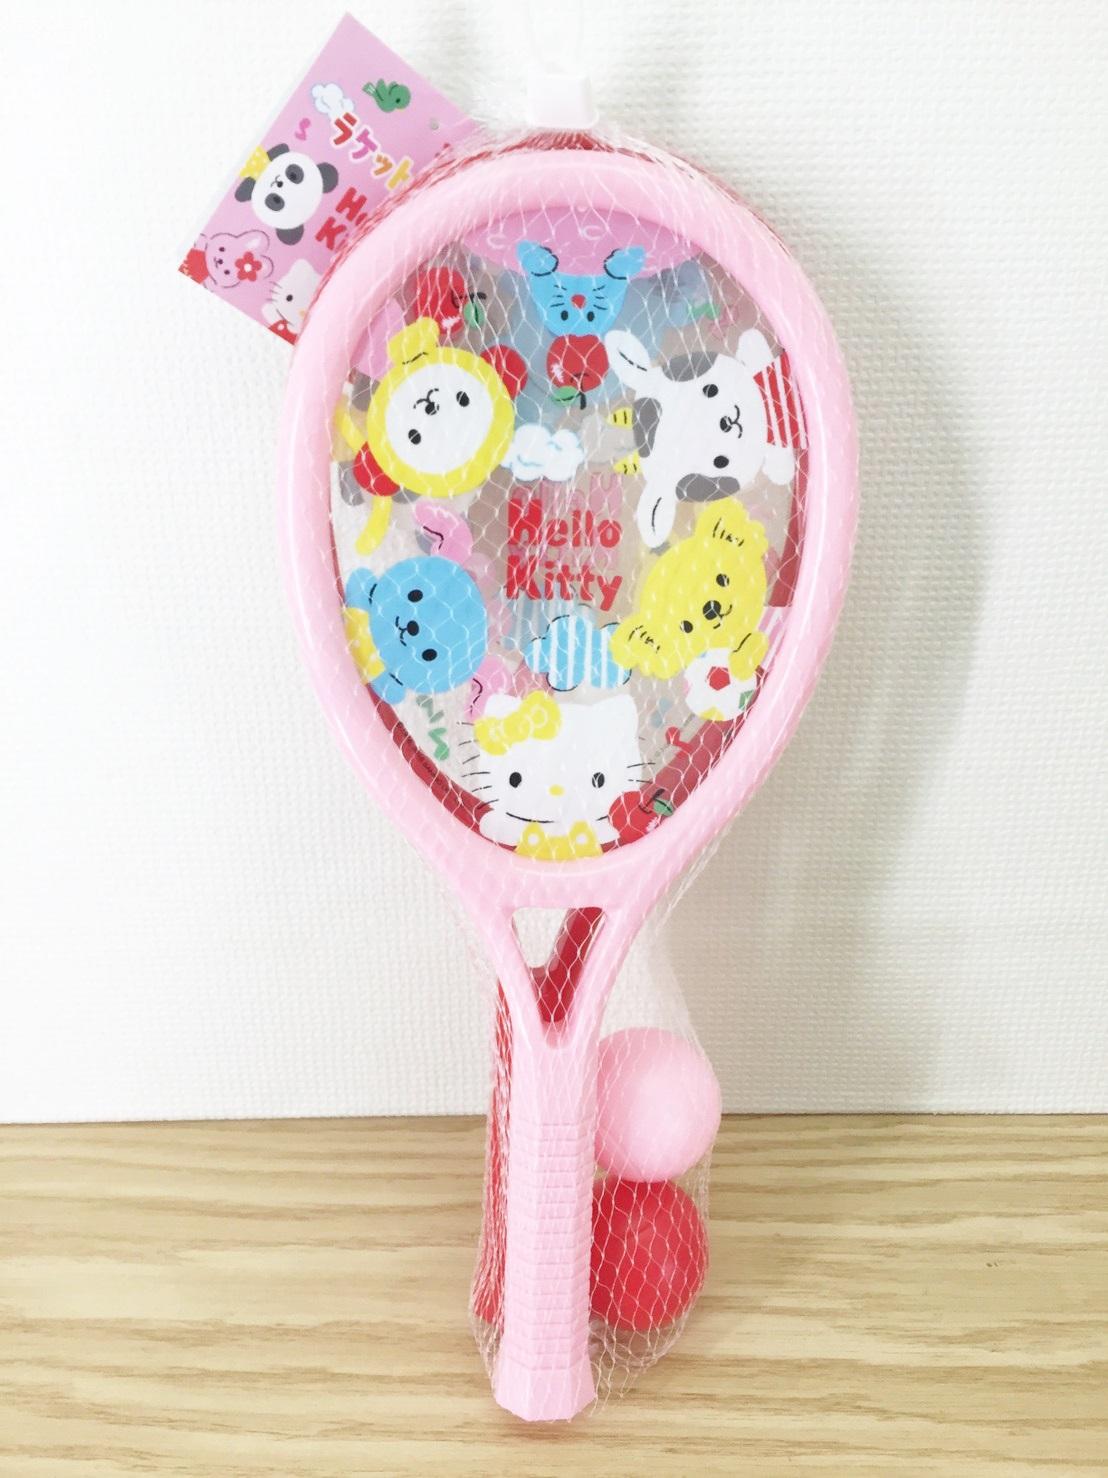 【真愛日本】16040200001玩具球拍組-KT與朋友  三麗鷗Hello Kitty凱蒂貓 堆沙堡用品 玩具